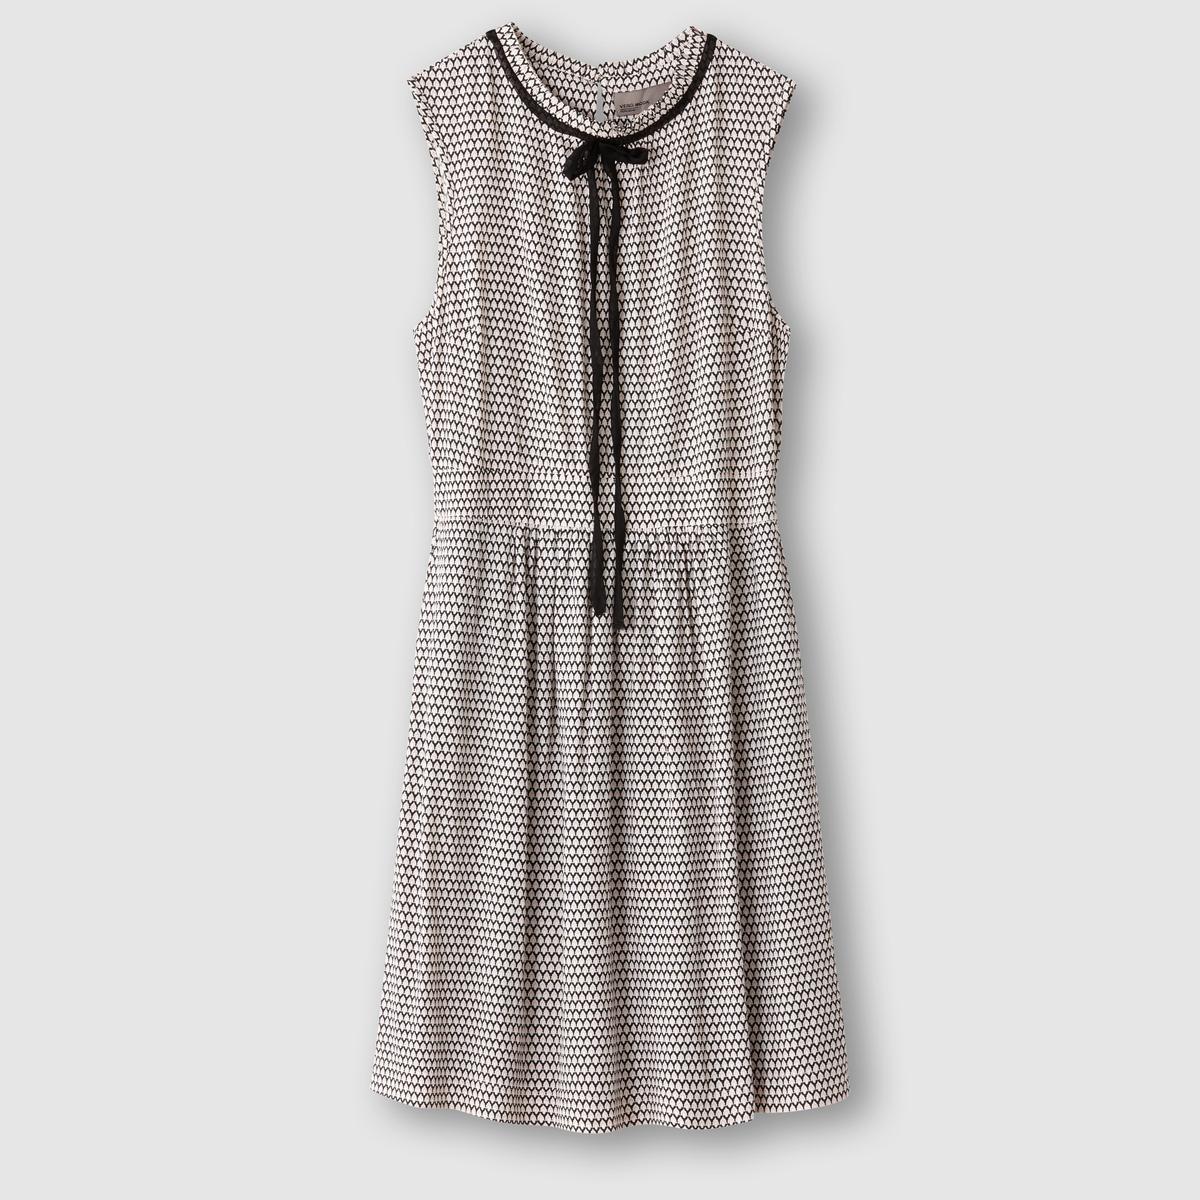 Платье без рукавовПлатье без рукавов. 100% вискозы. Завязки на воротнике. Вырез-капелька сзади. Эластичный пояс. Длина 88 см.<br><br>Цвет: черный<br>Размер: L